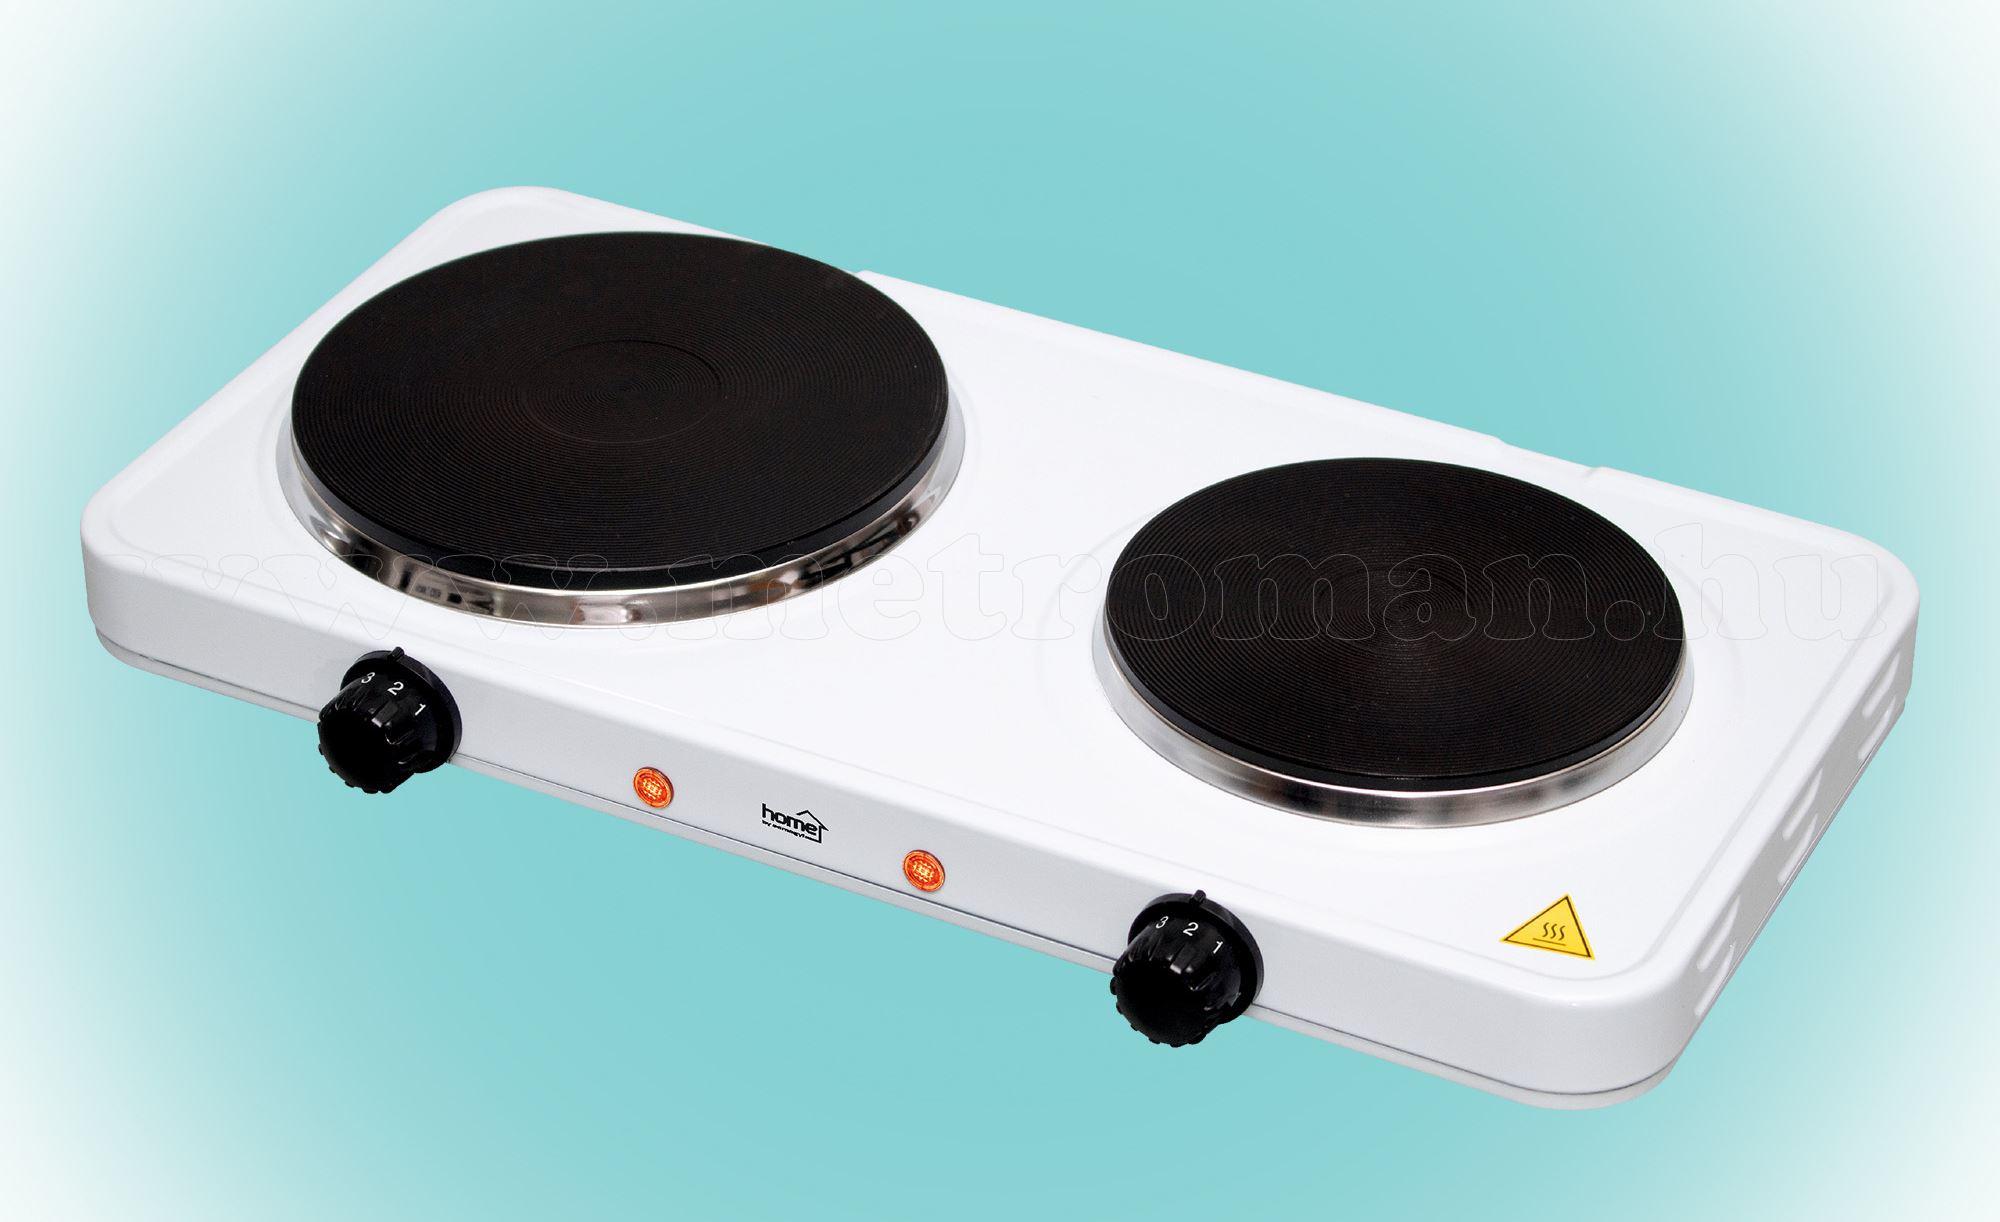 Hordozható elektromos főzőlap HG R 02